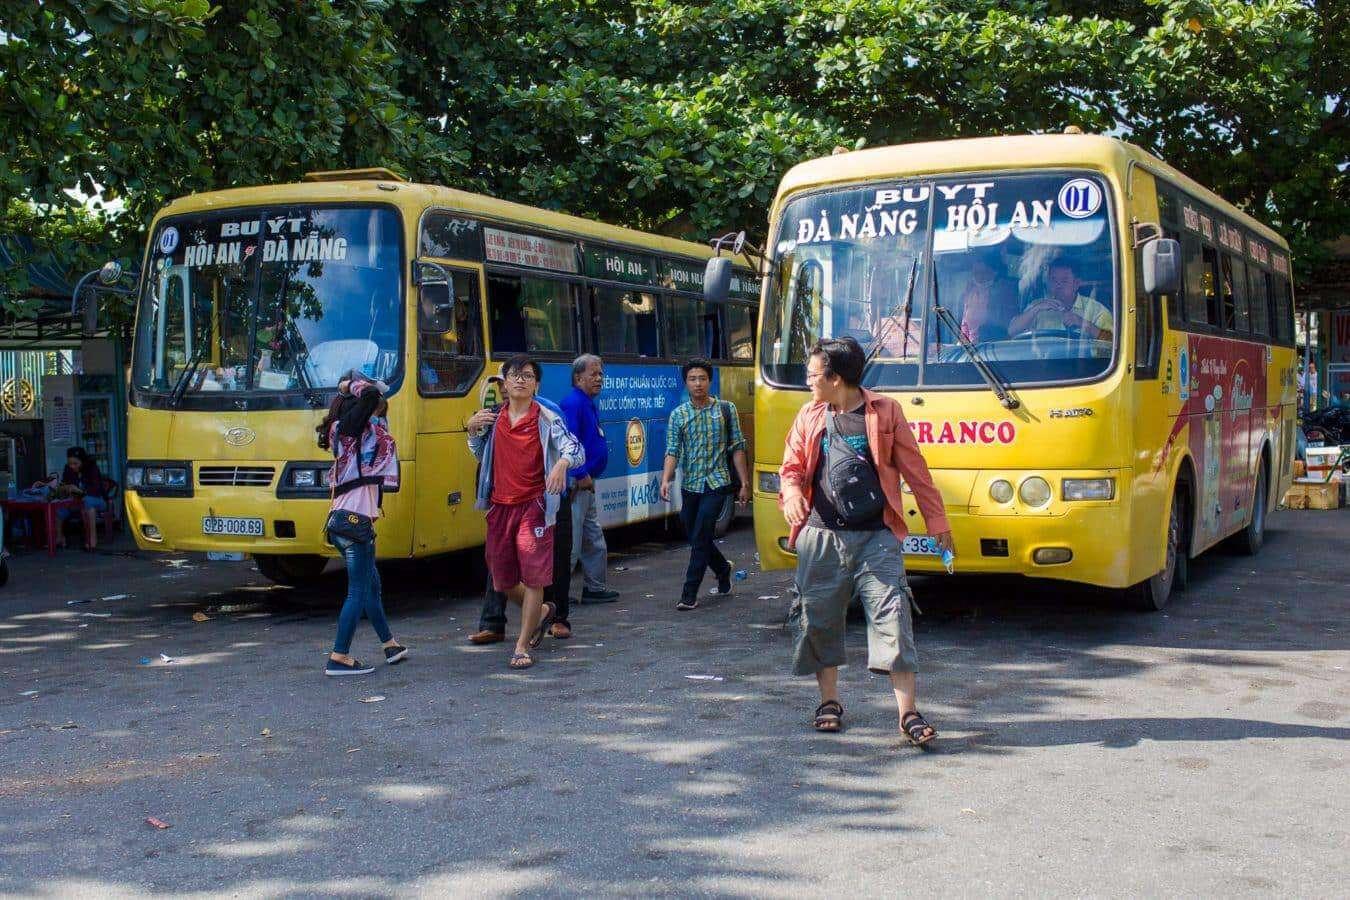 Da Nang to Hoi An bus